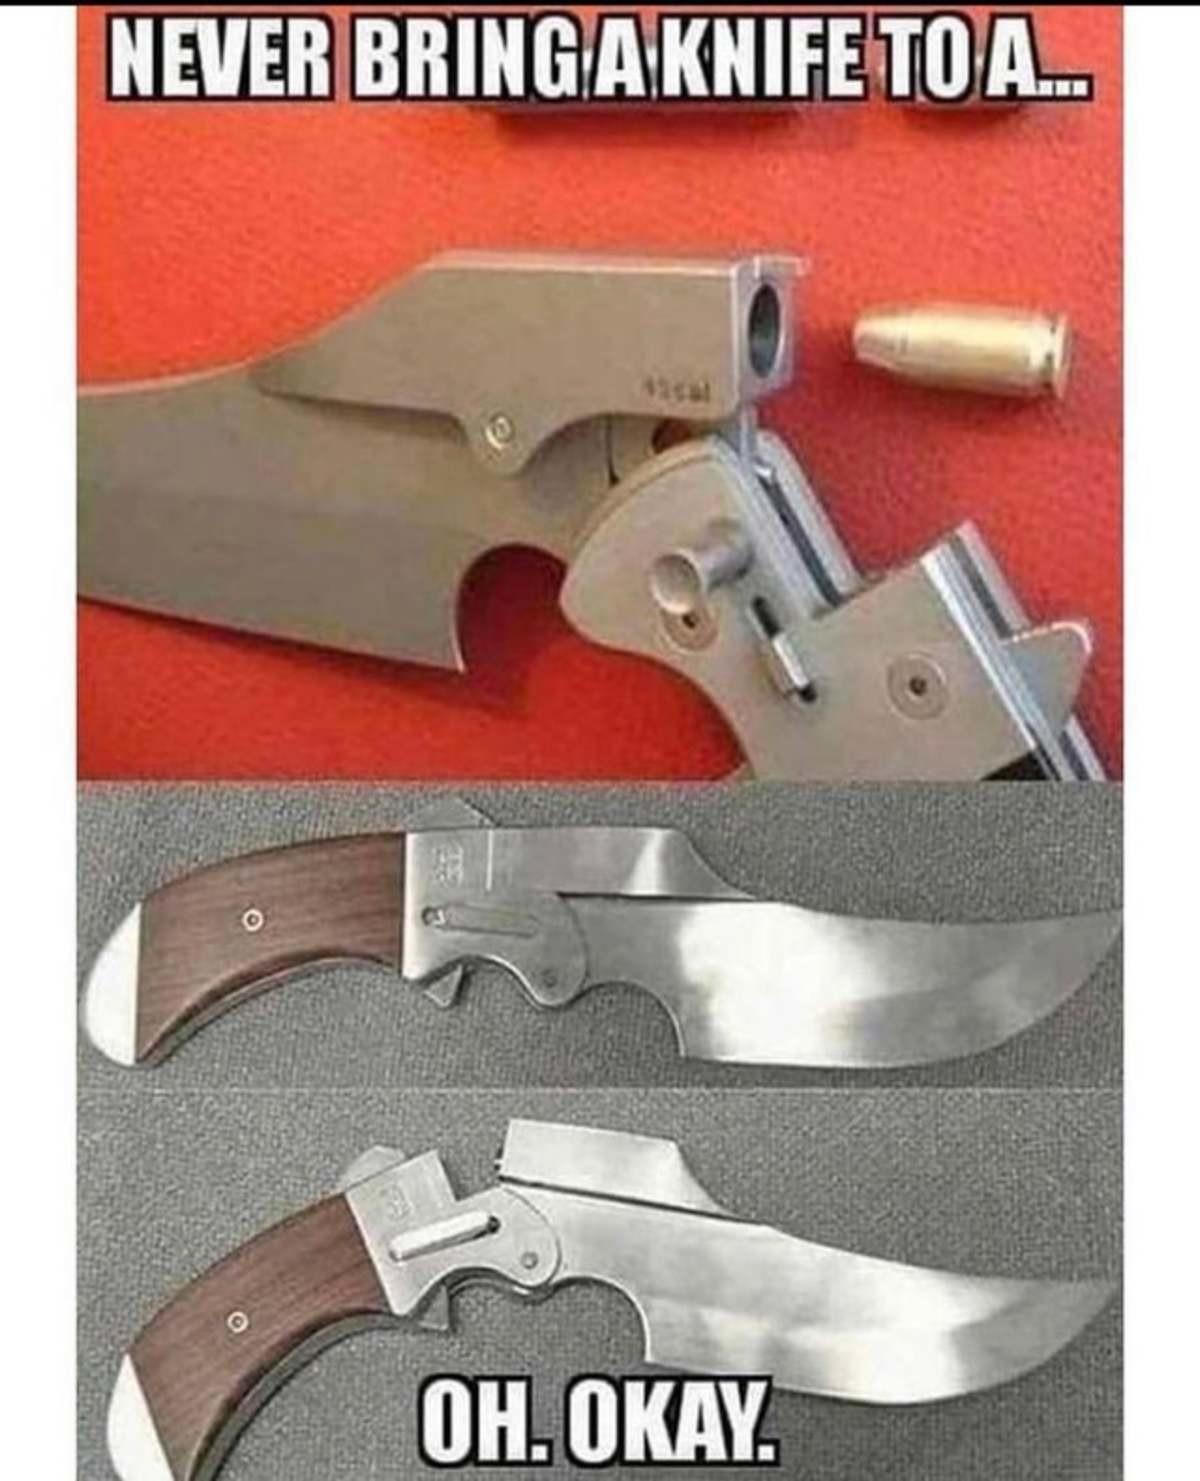 gunife.jpg